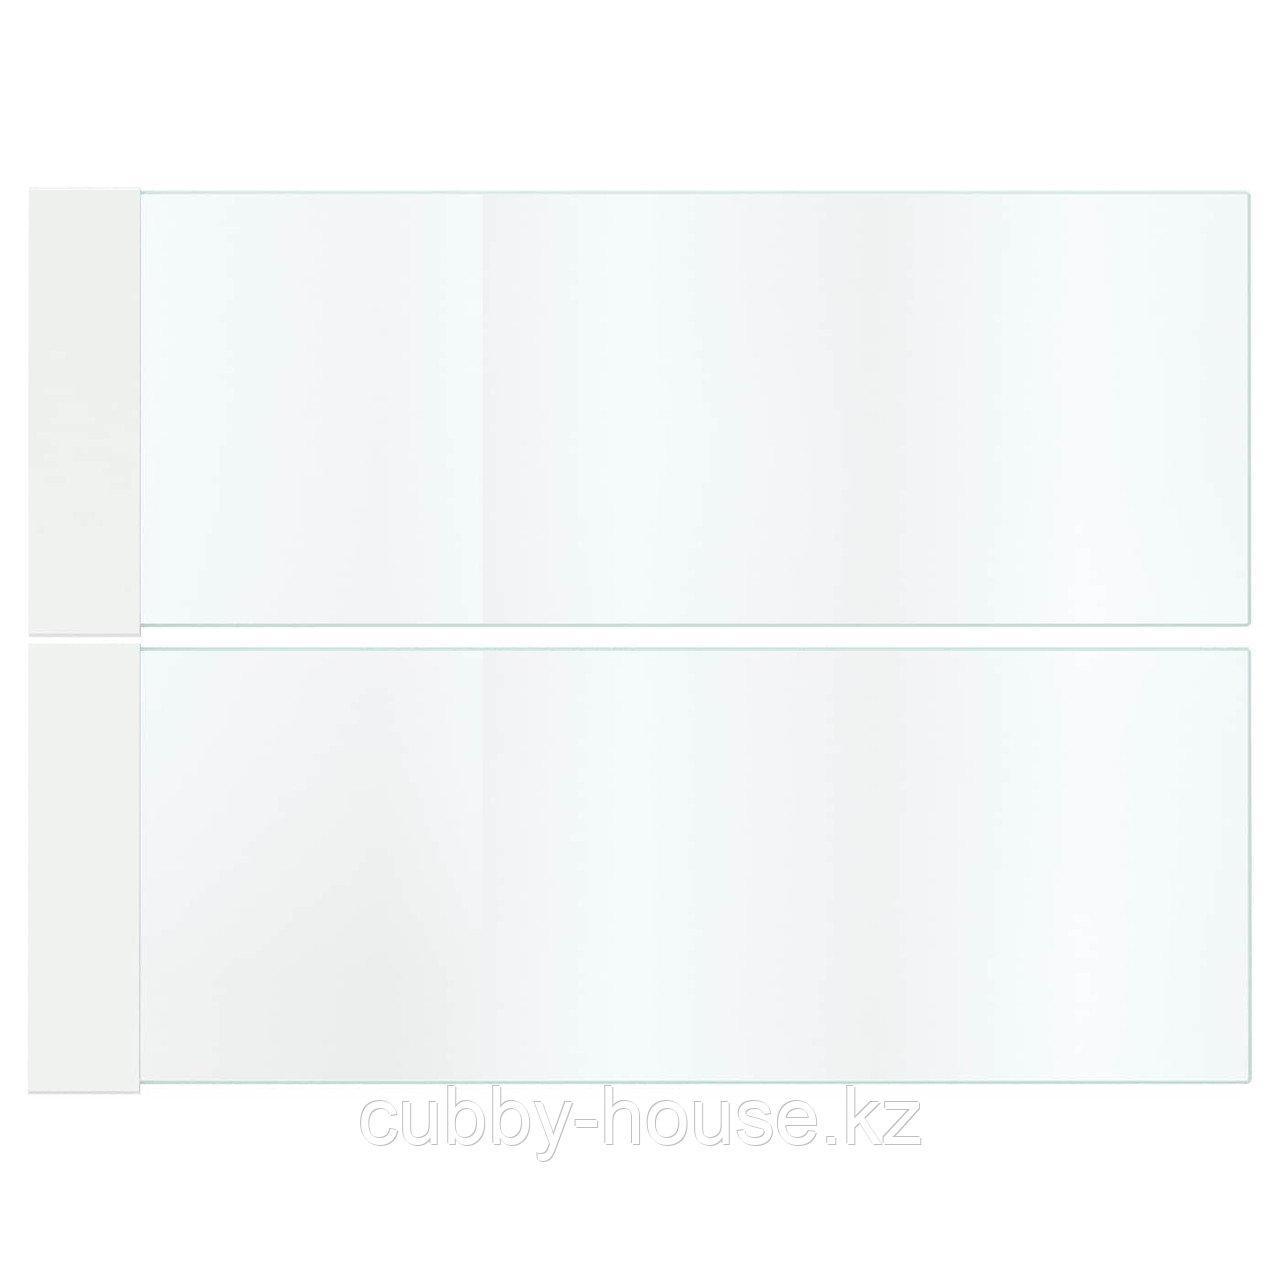 МАКСИМЕРА Дополнит боковина д/ящика, высокая, стекло, 60 см